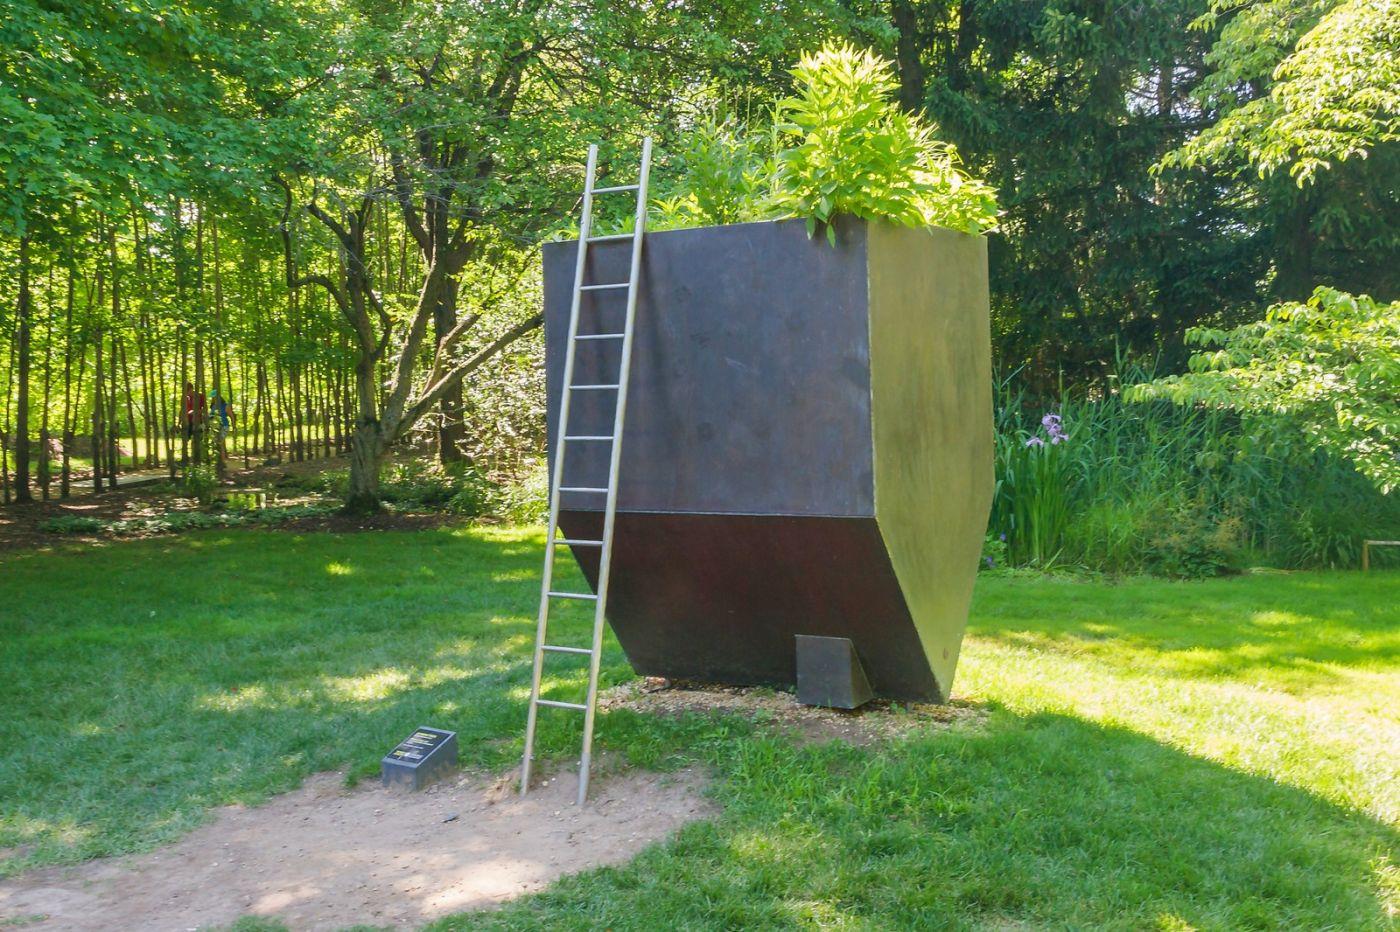 新泽西州雕塑公园(Grounds for scuplture),题材很广_图1-19